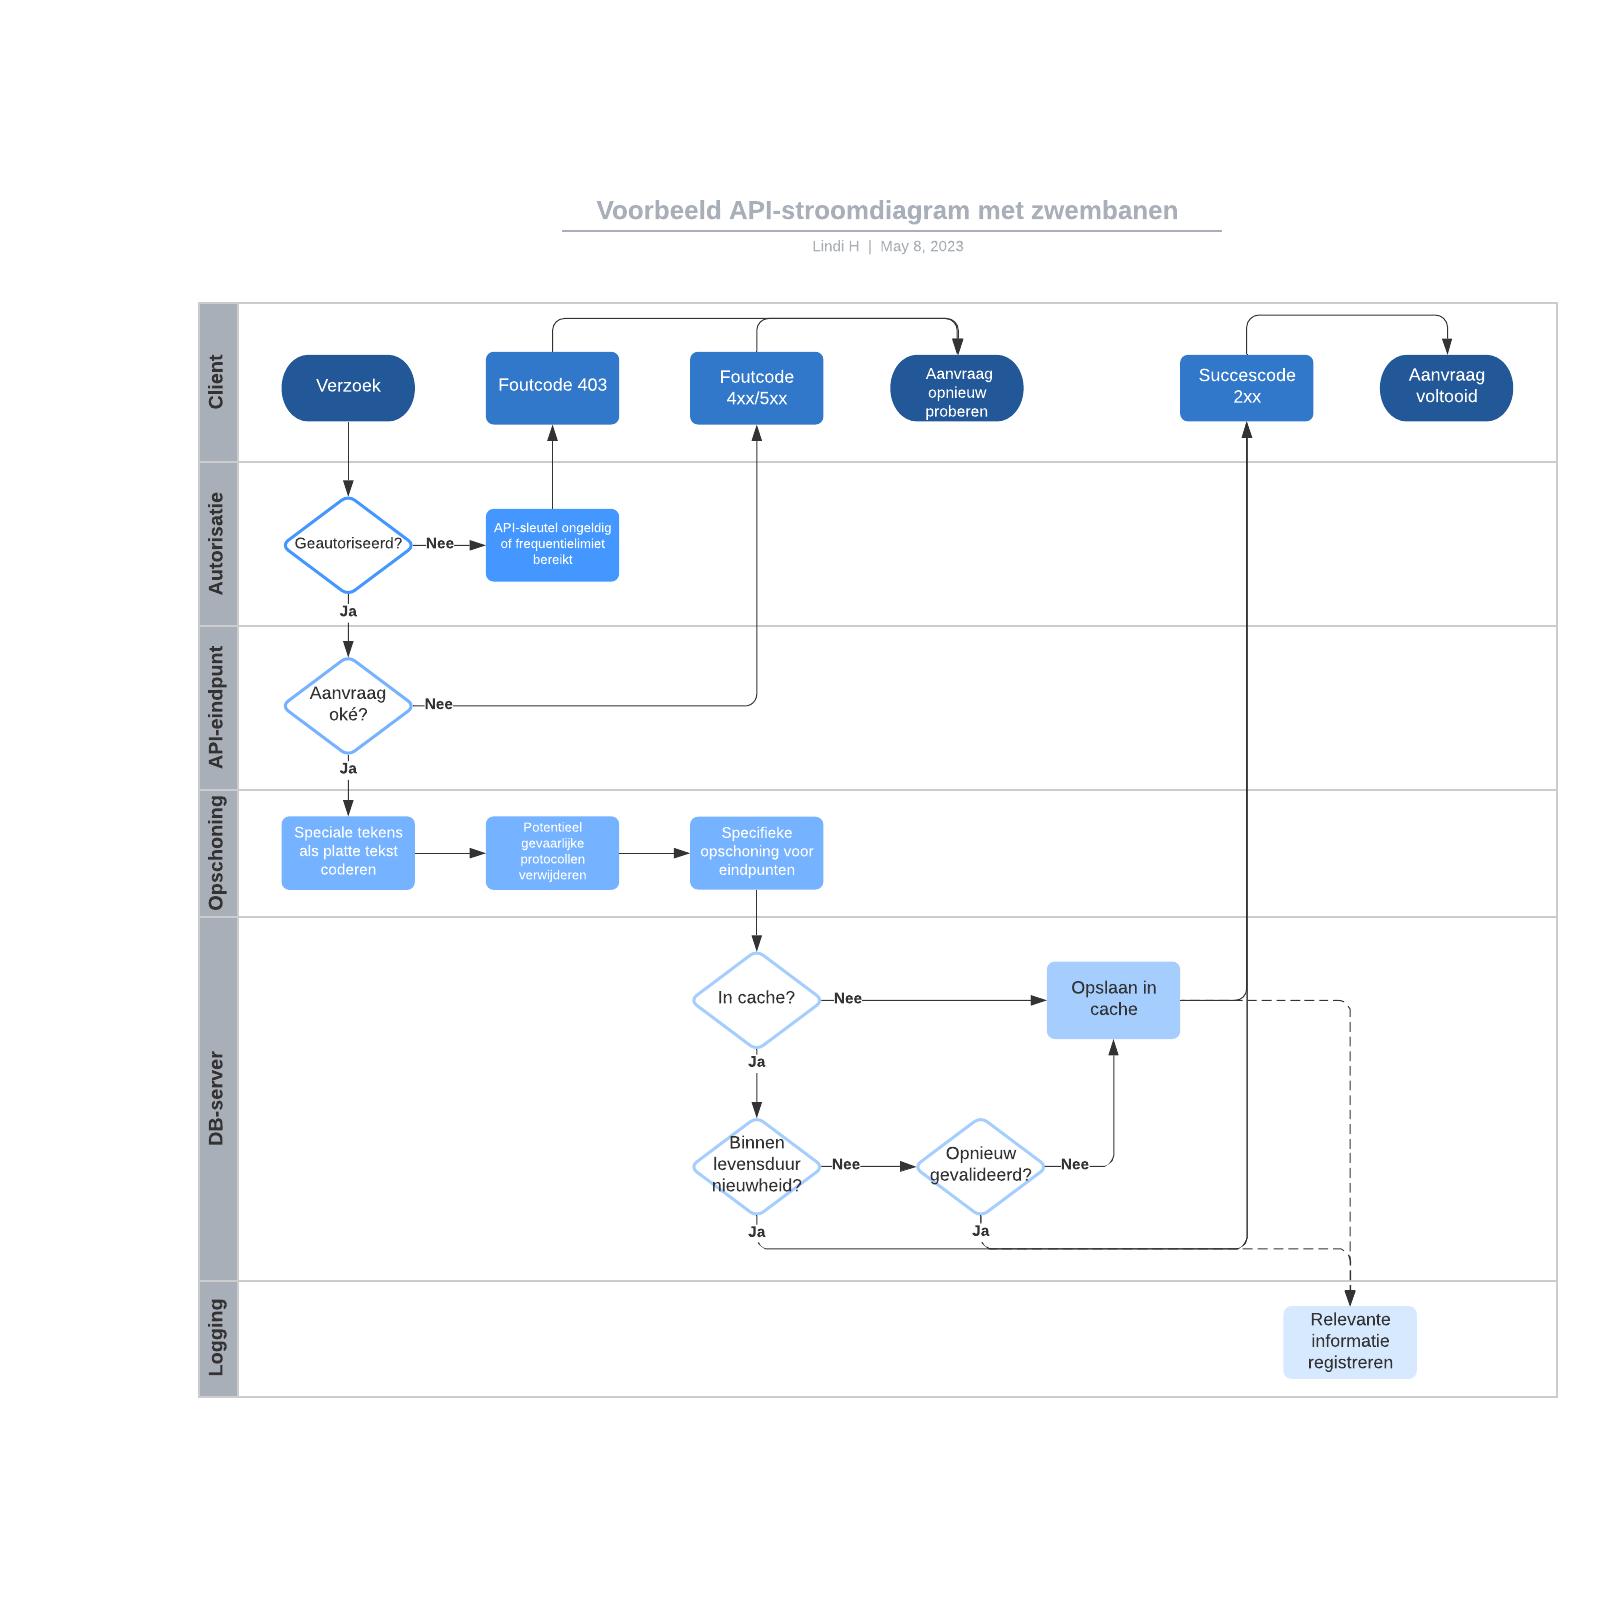 Voorbeeld API-stroomdiagram met zwembanen